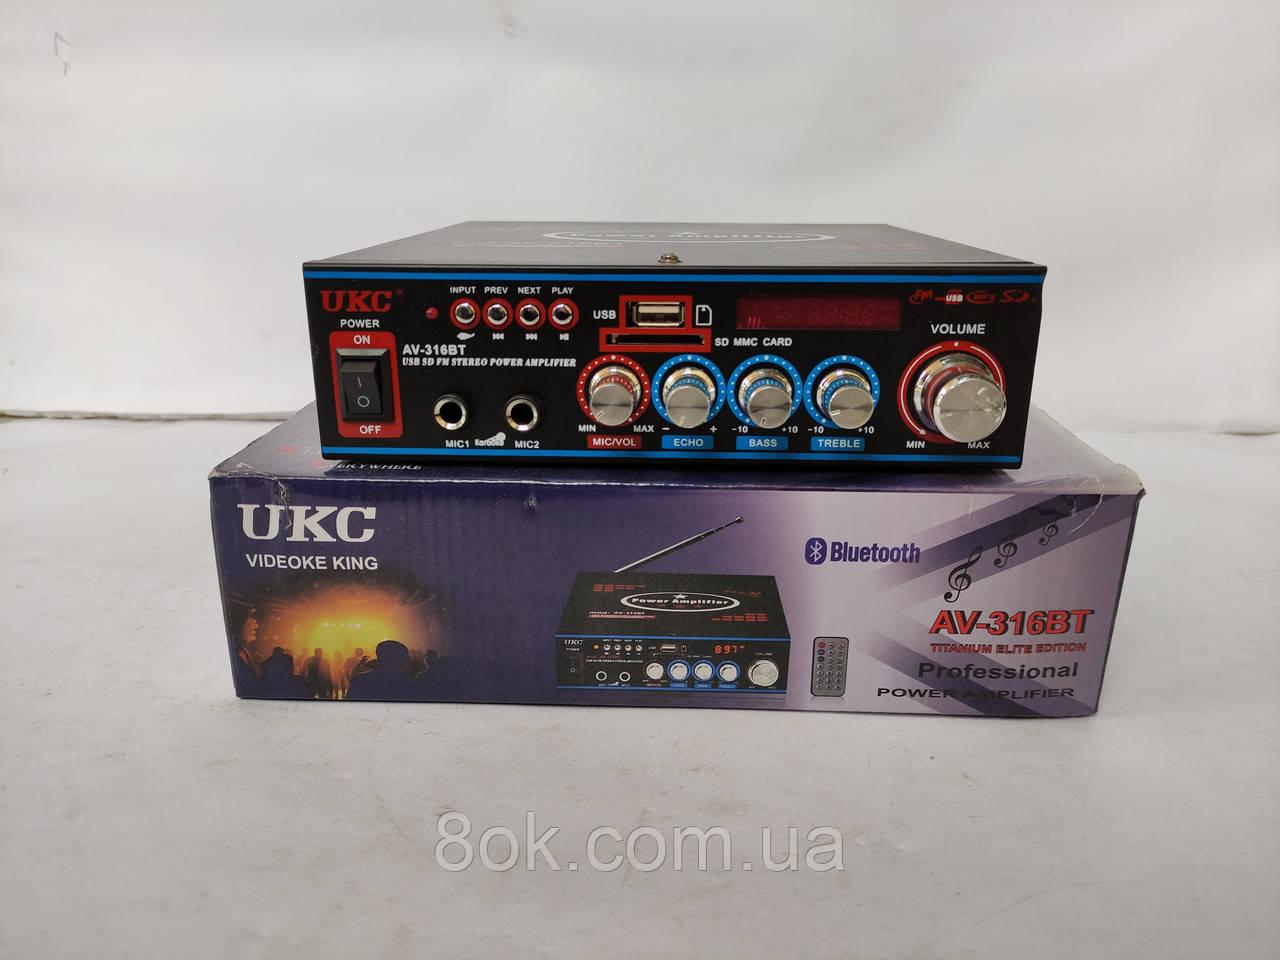 Підсилювач звуку UKC AV-316BT